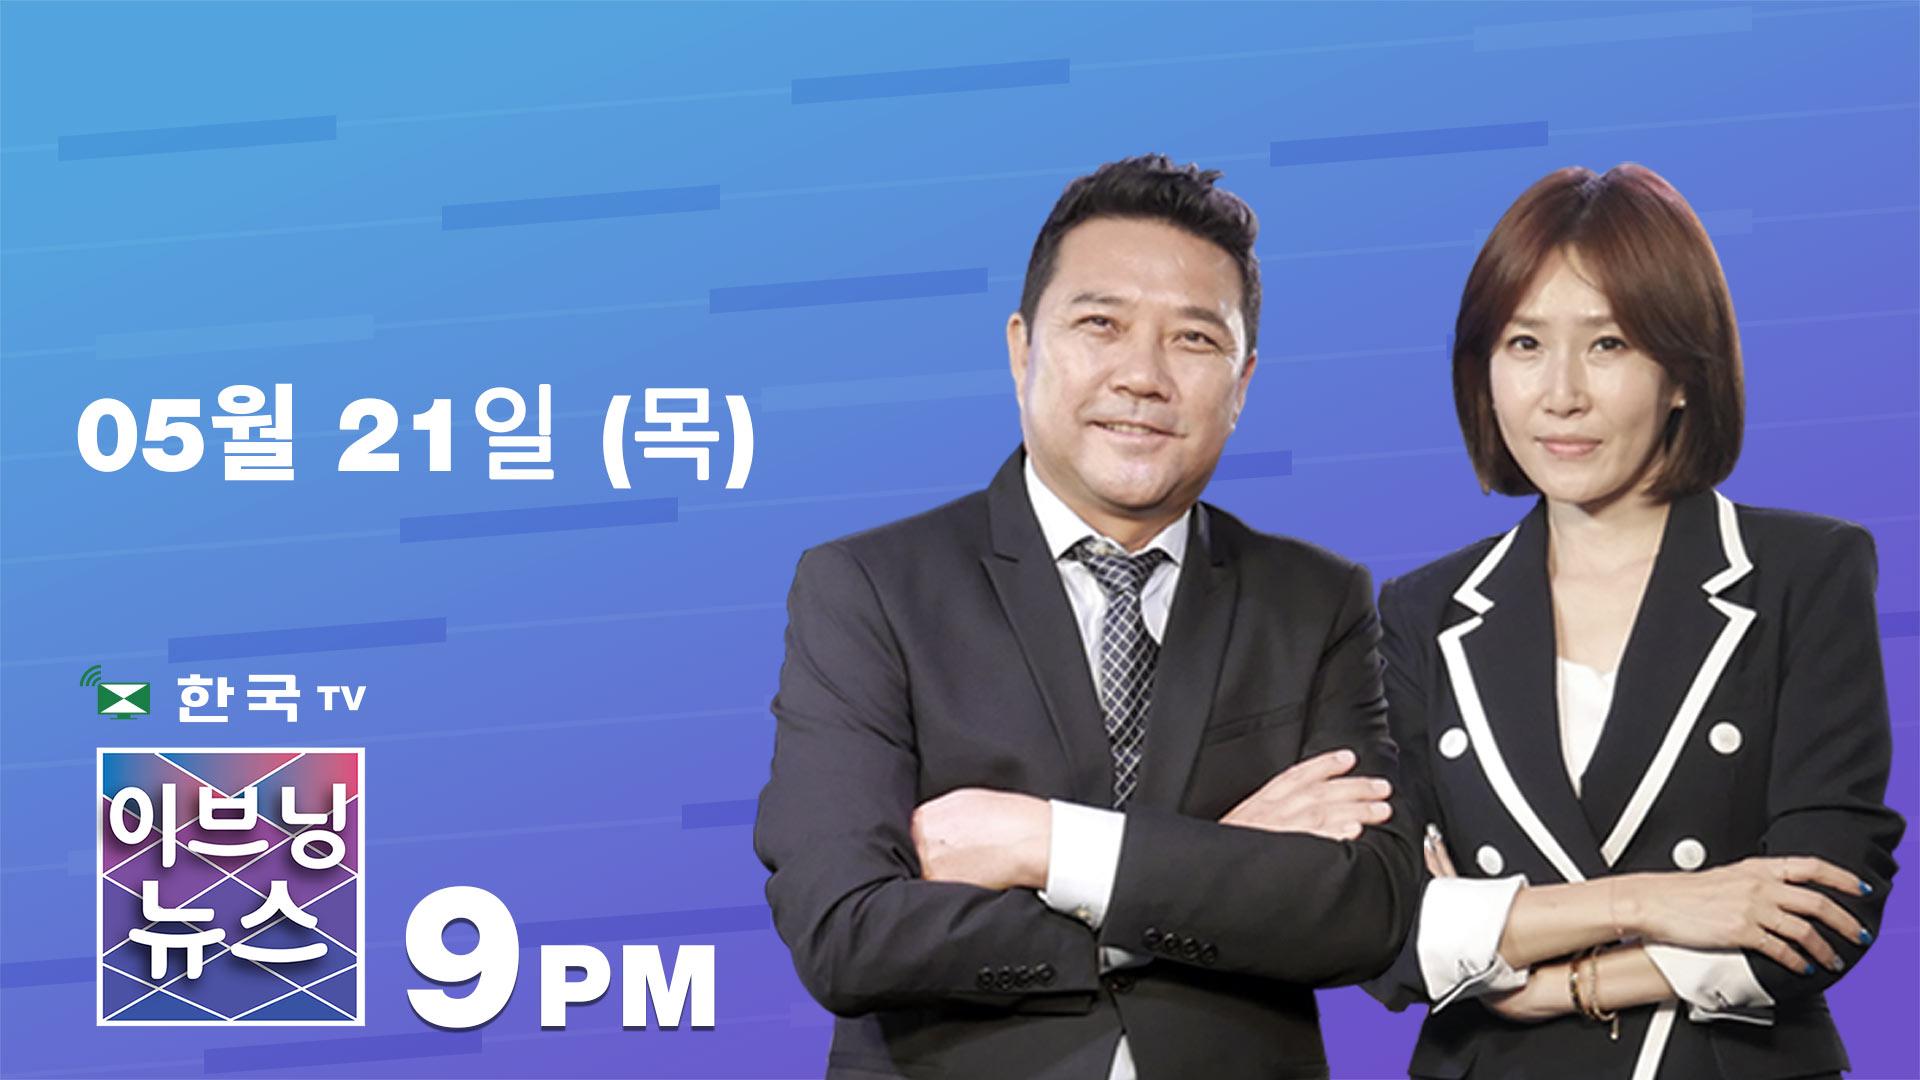 (05.21.2020) 한국TV 이브닝 뉴스